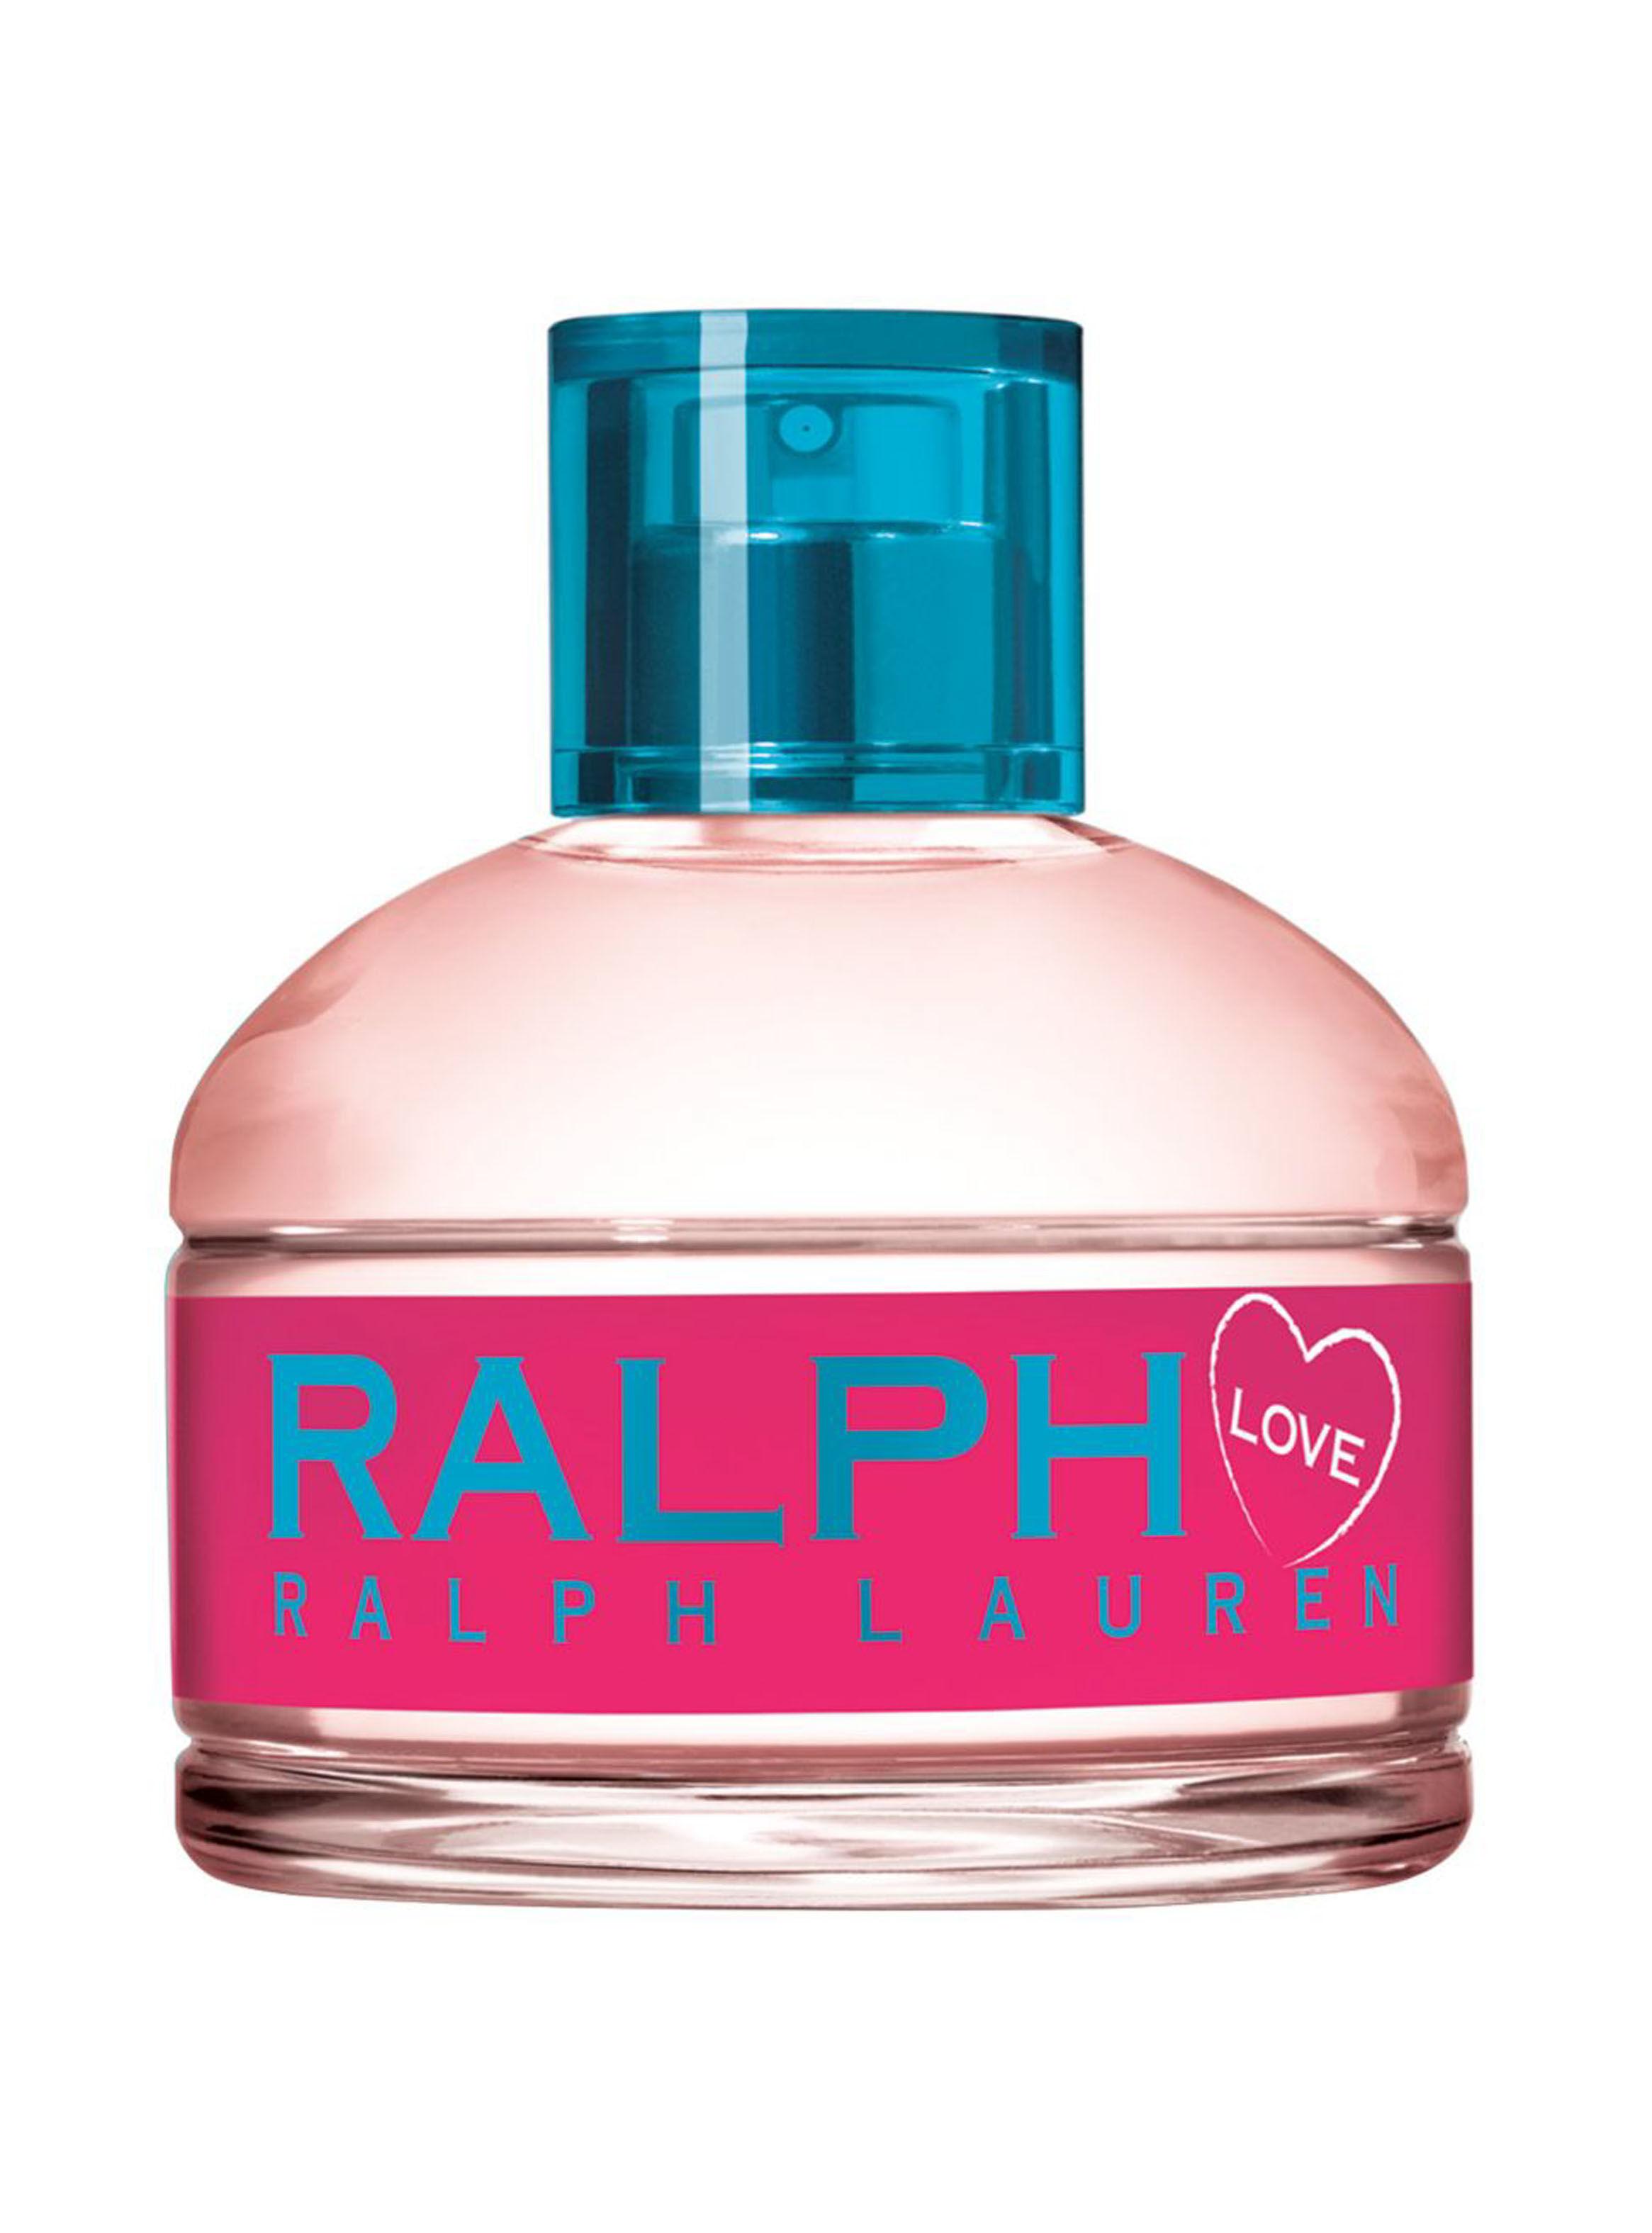 ultimo perfume de ralph lauren mujer